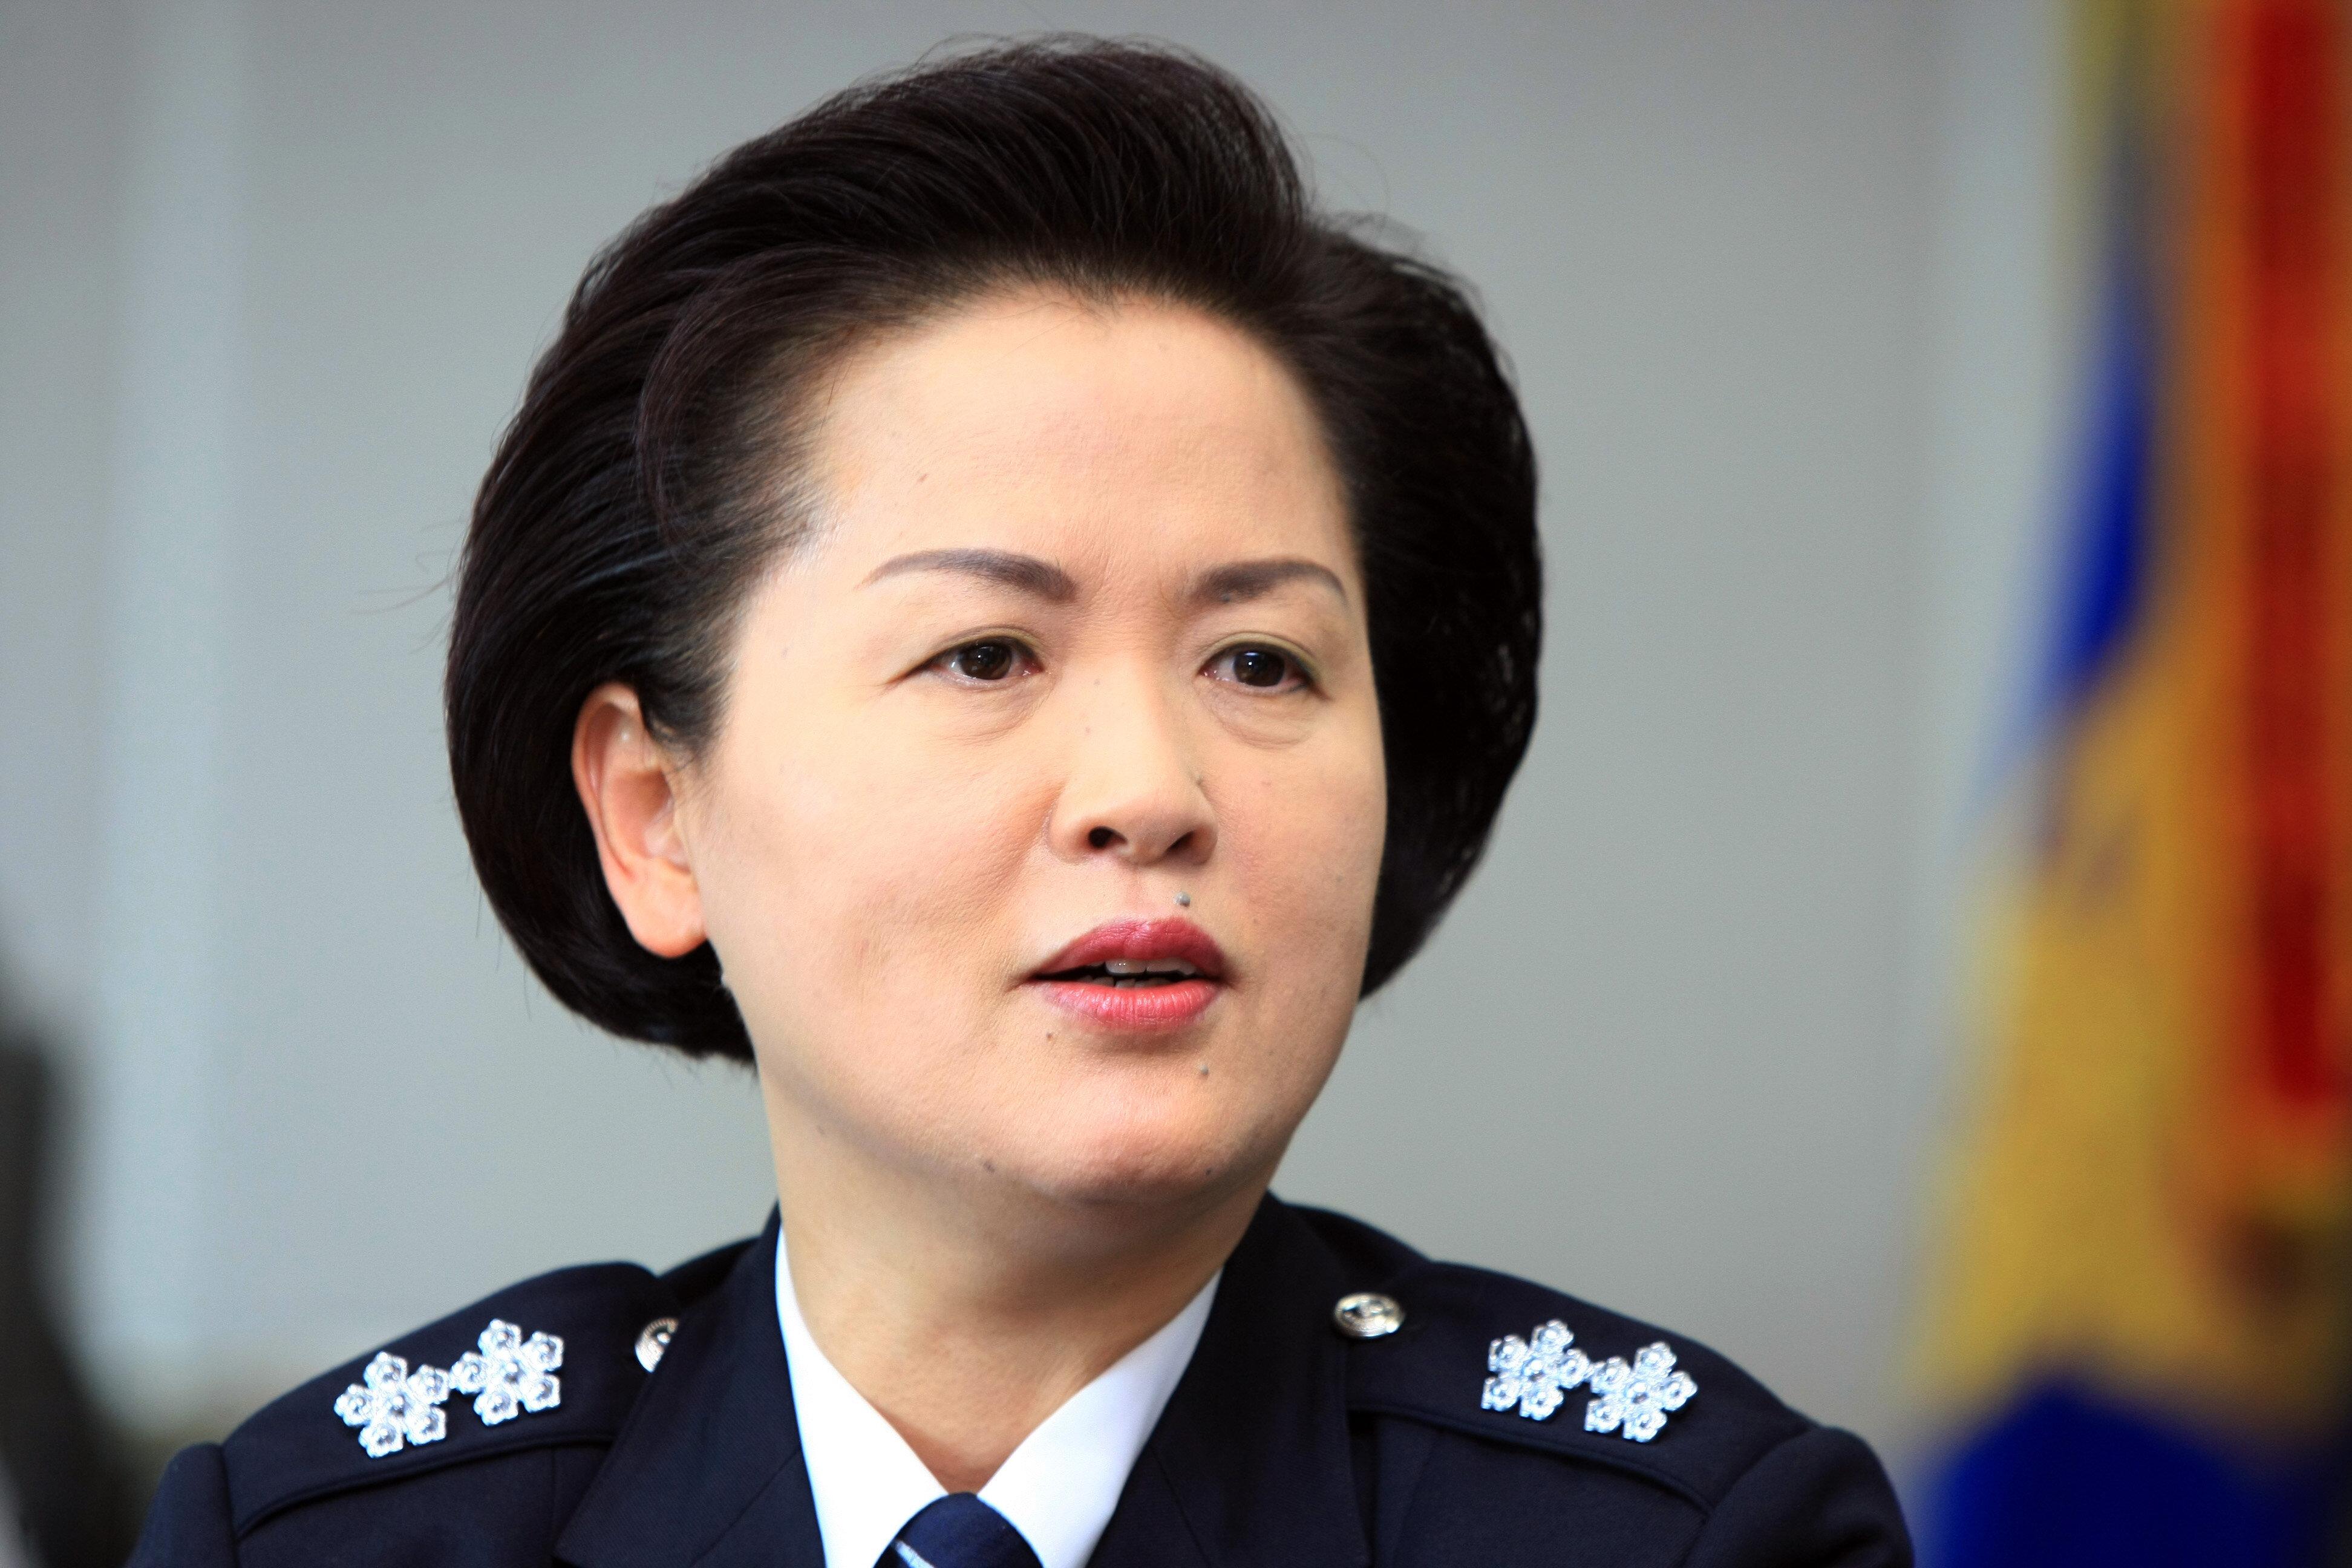 '대림동 경찰관 폭행사건' 영상을 본 여성 최초 치안정감의